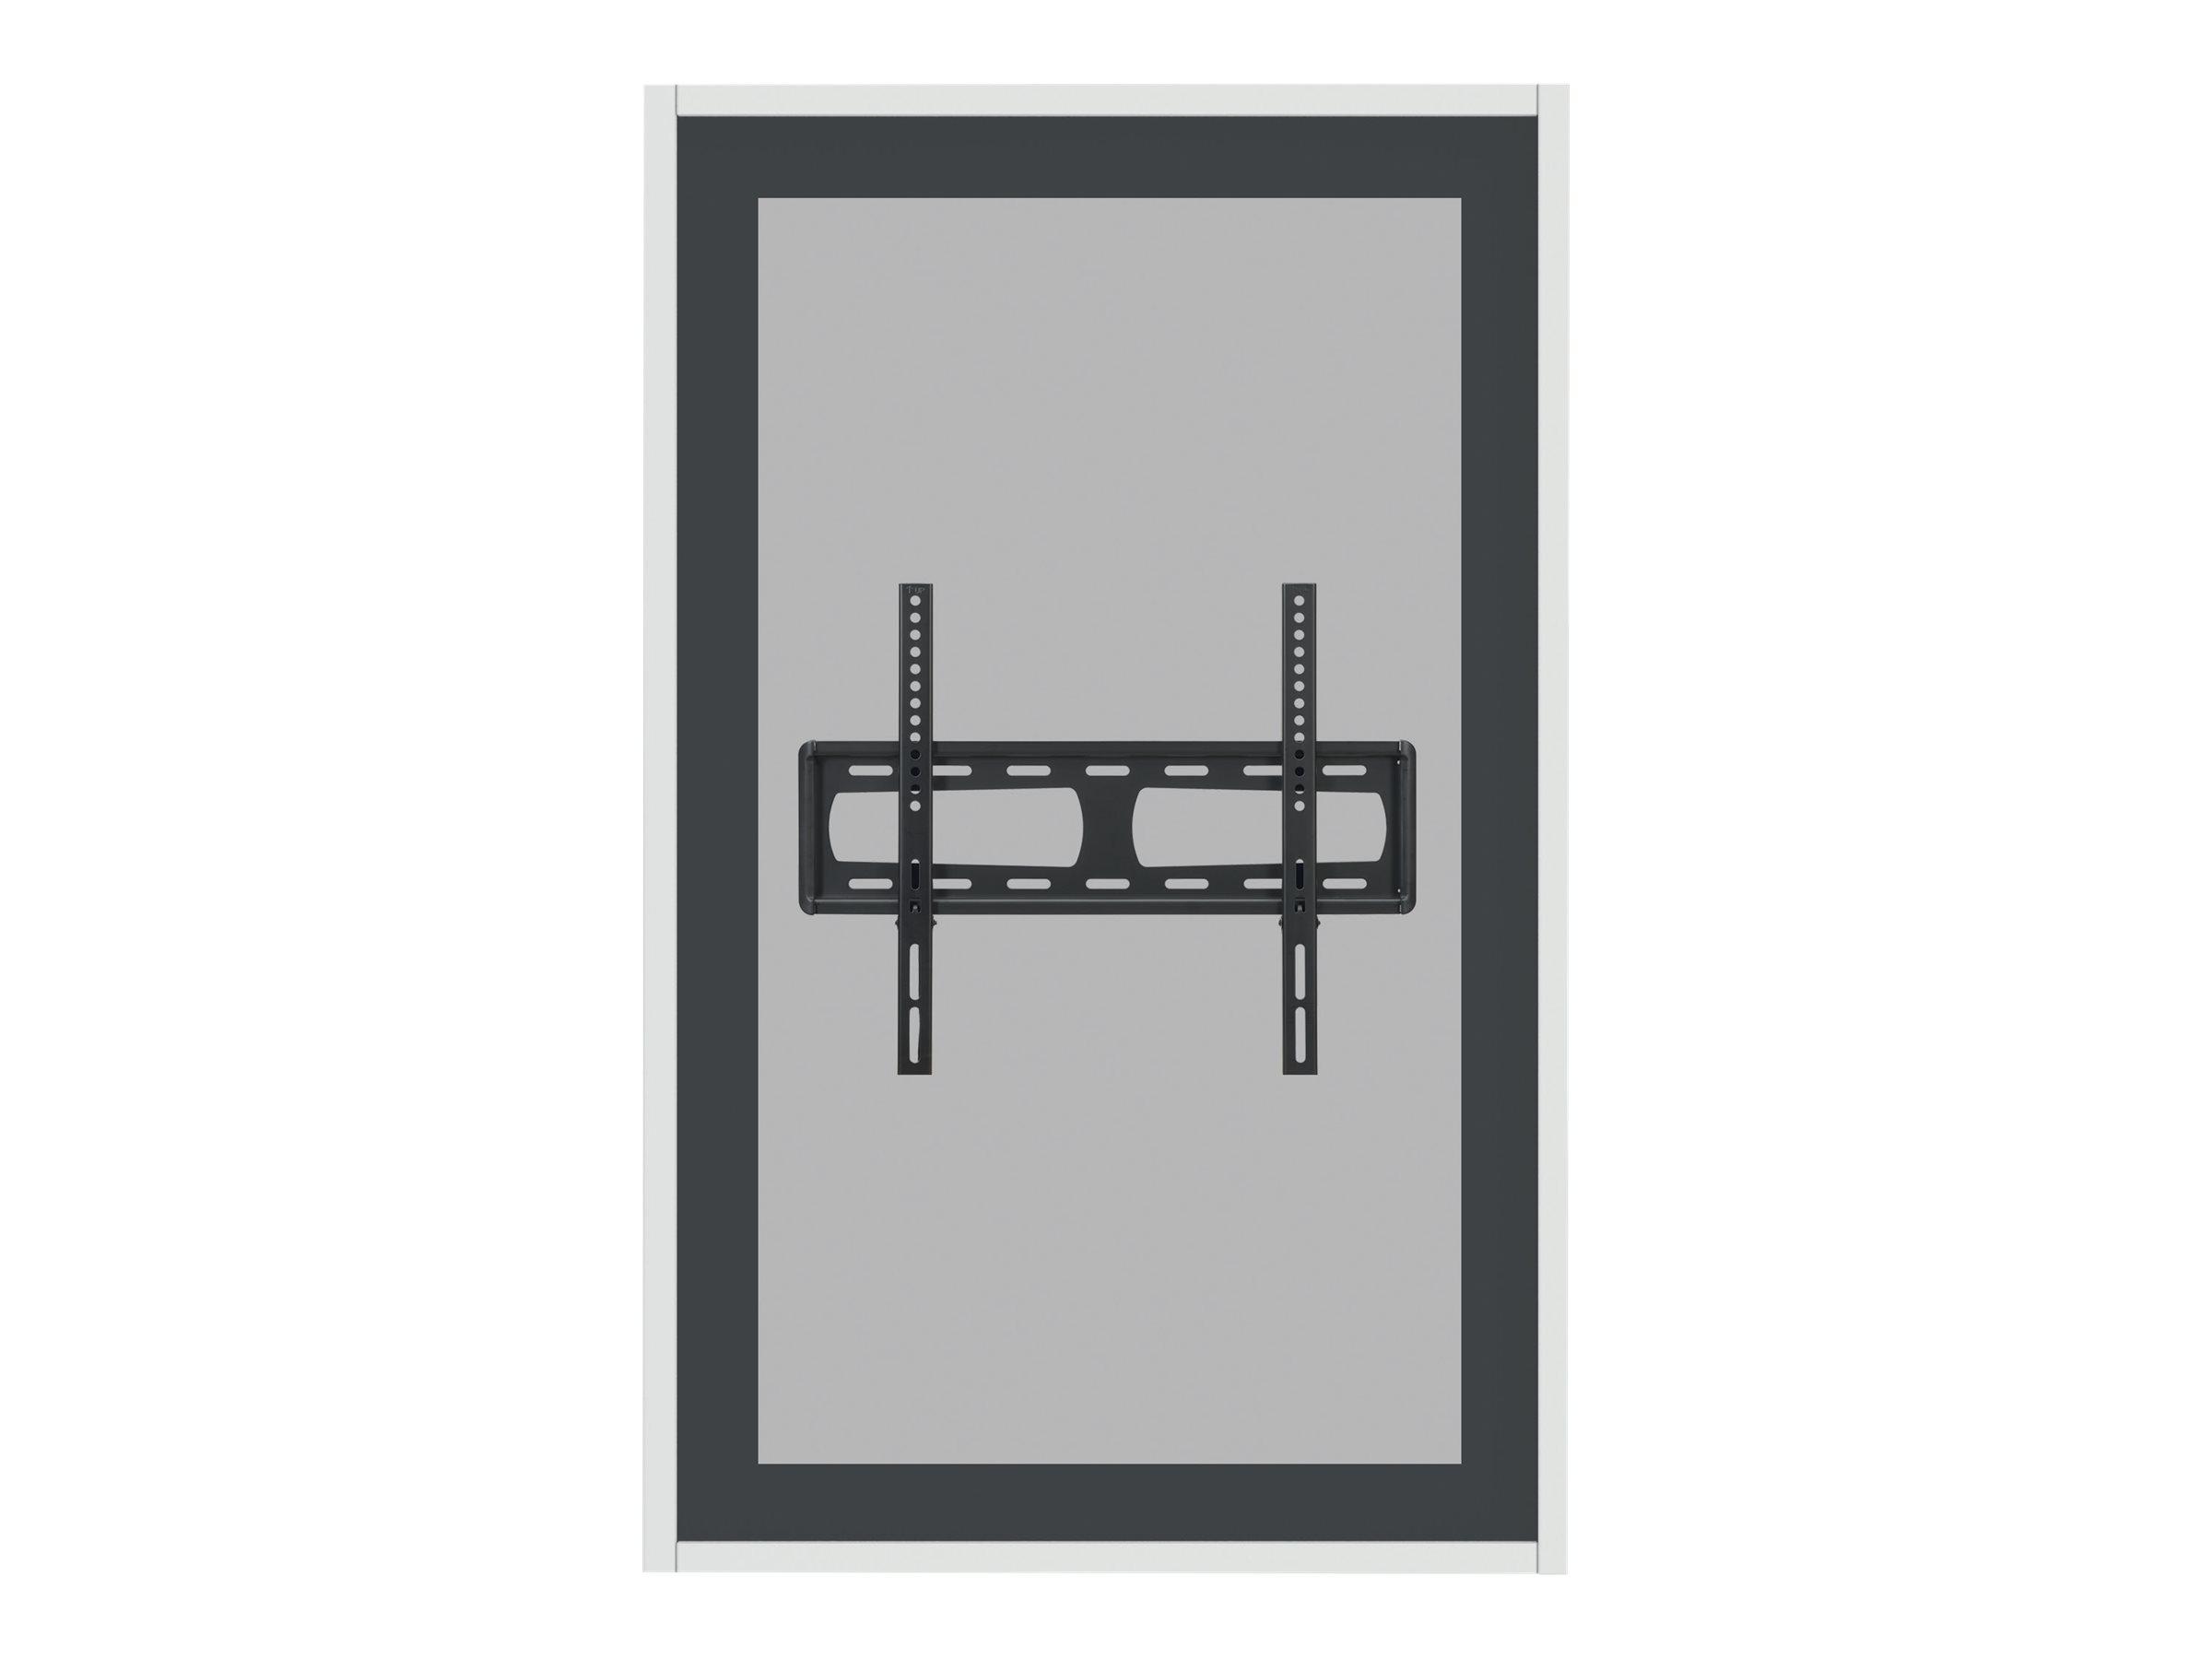 HAGOR HAG-BR-1 Series - Gehäuse für flat panel - ESG-Sicherheitsglas, Gipskartonplatte - weiss, RAL 9010 - Bildschirmgrösse: 190